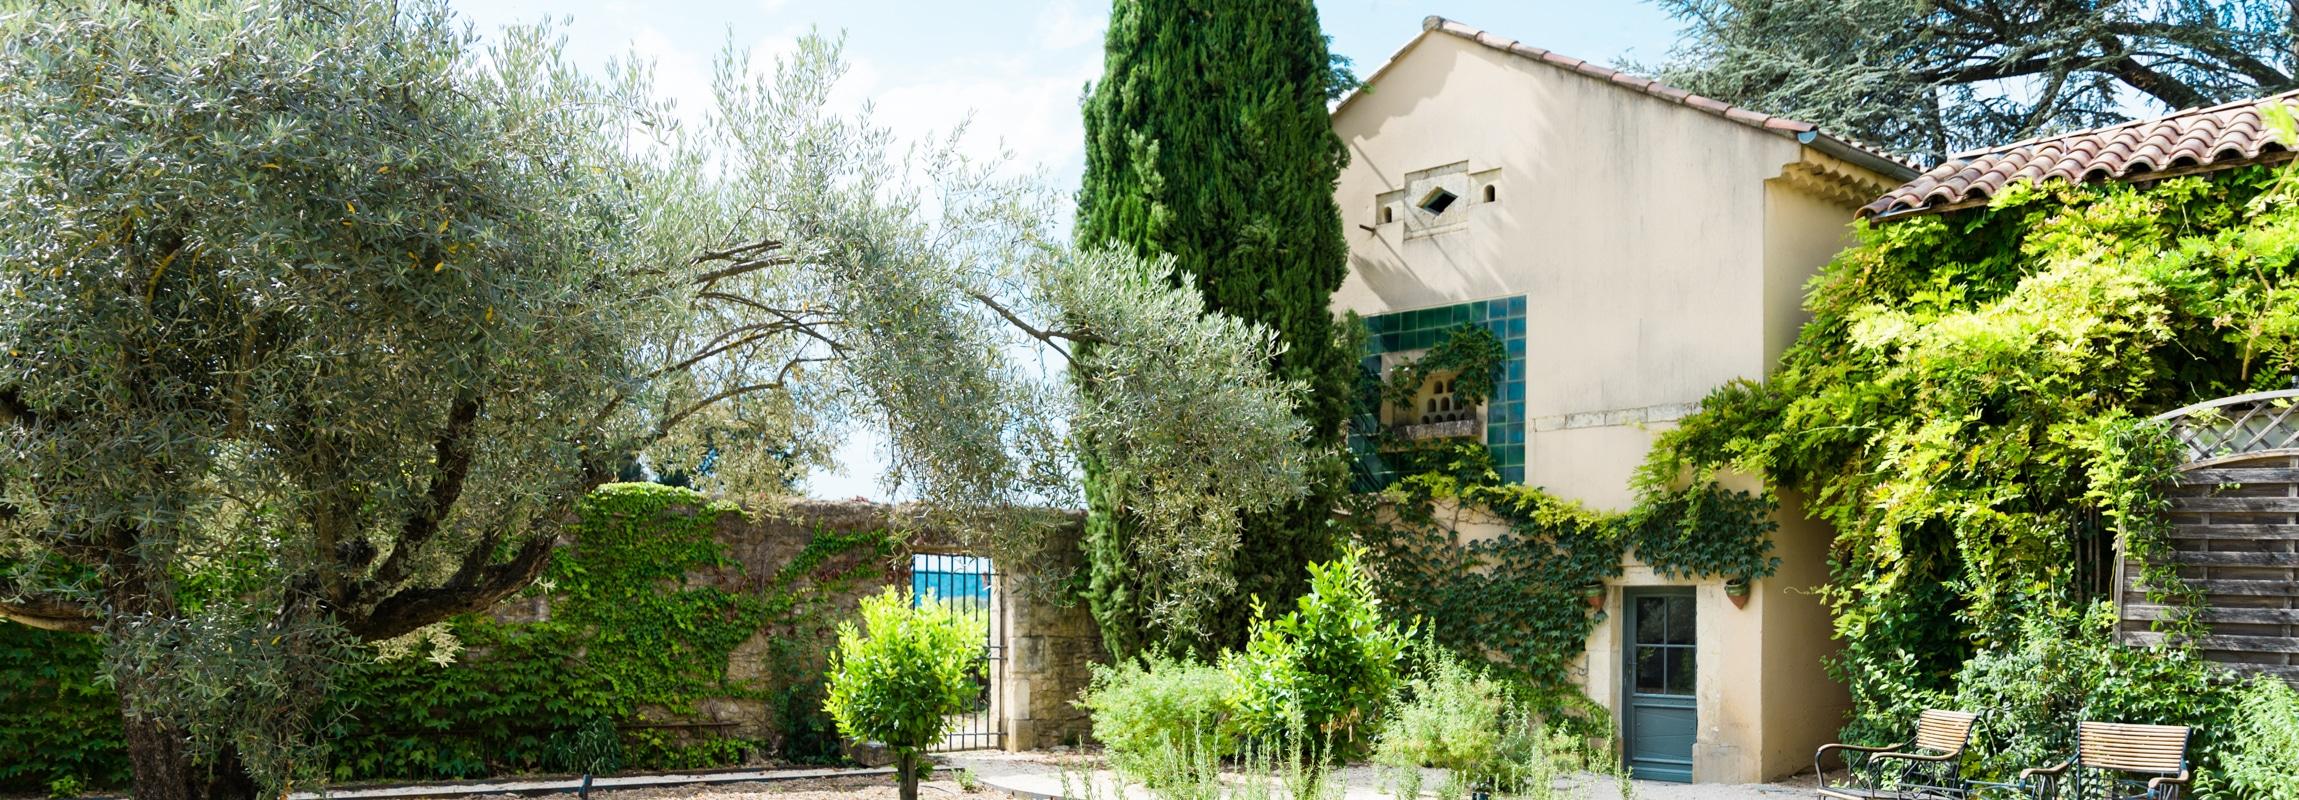 Kräutergarten und das Kochlabor im Taubenschlag